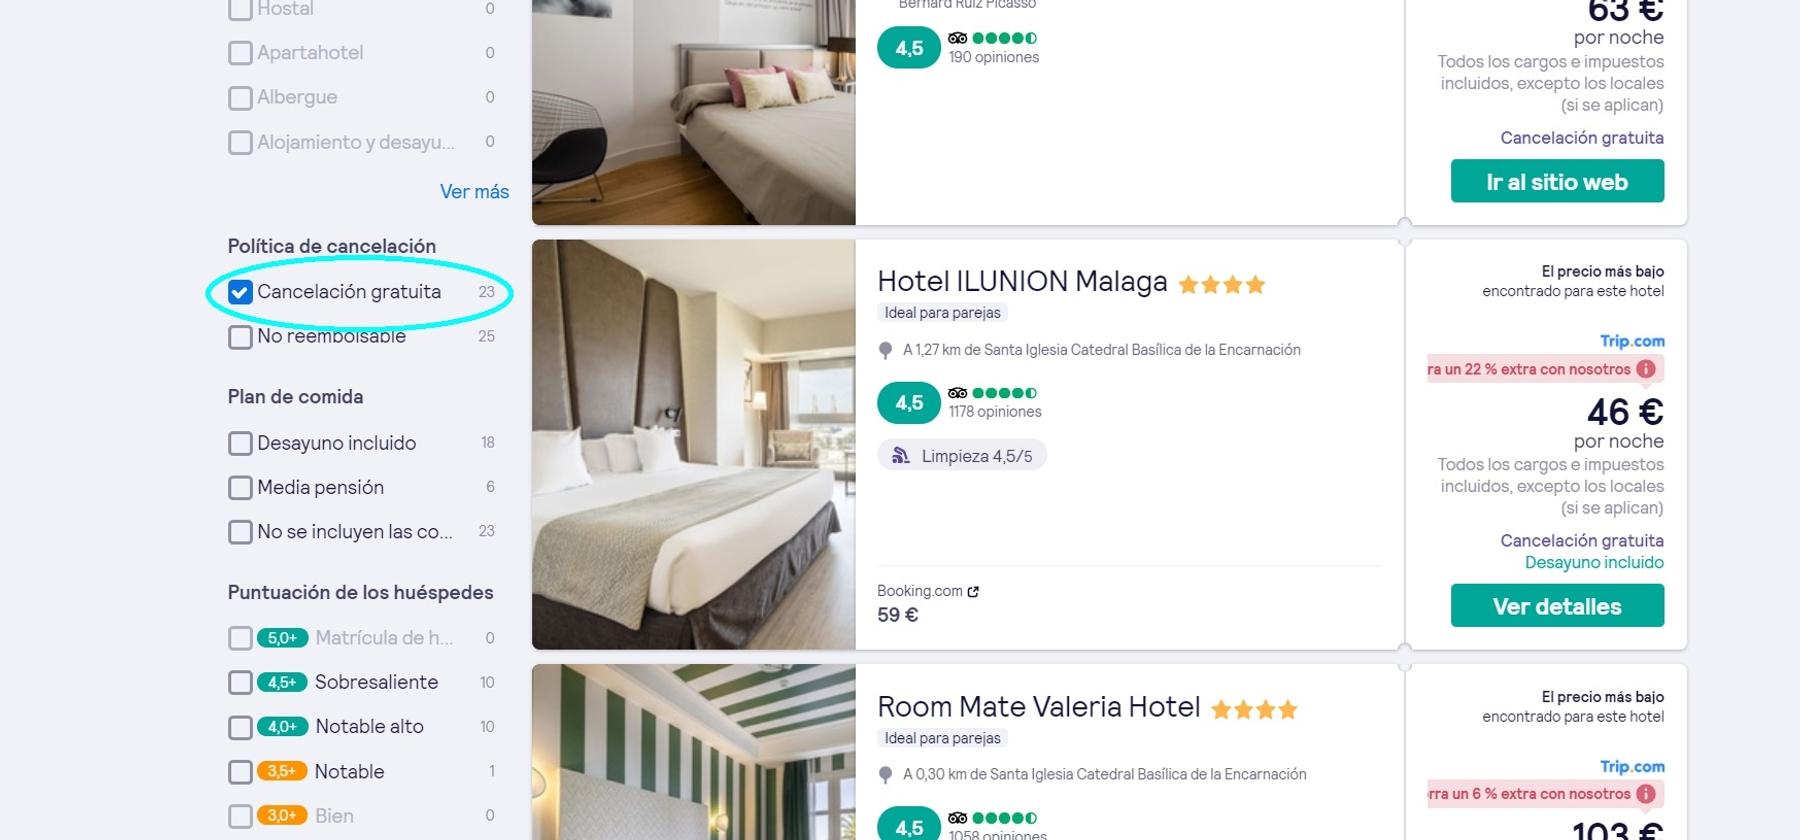 Buscar hoteles con cancelación gratuita y reservas flexibles